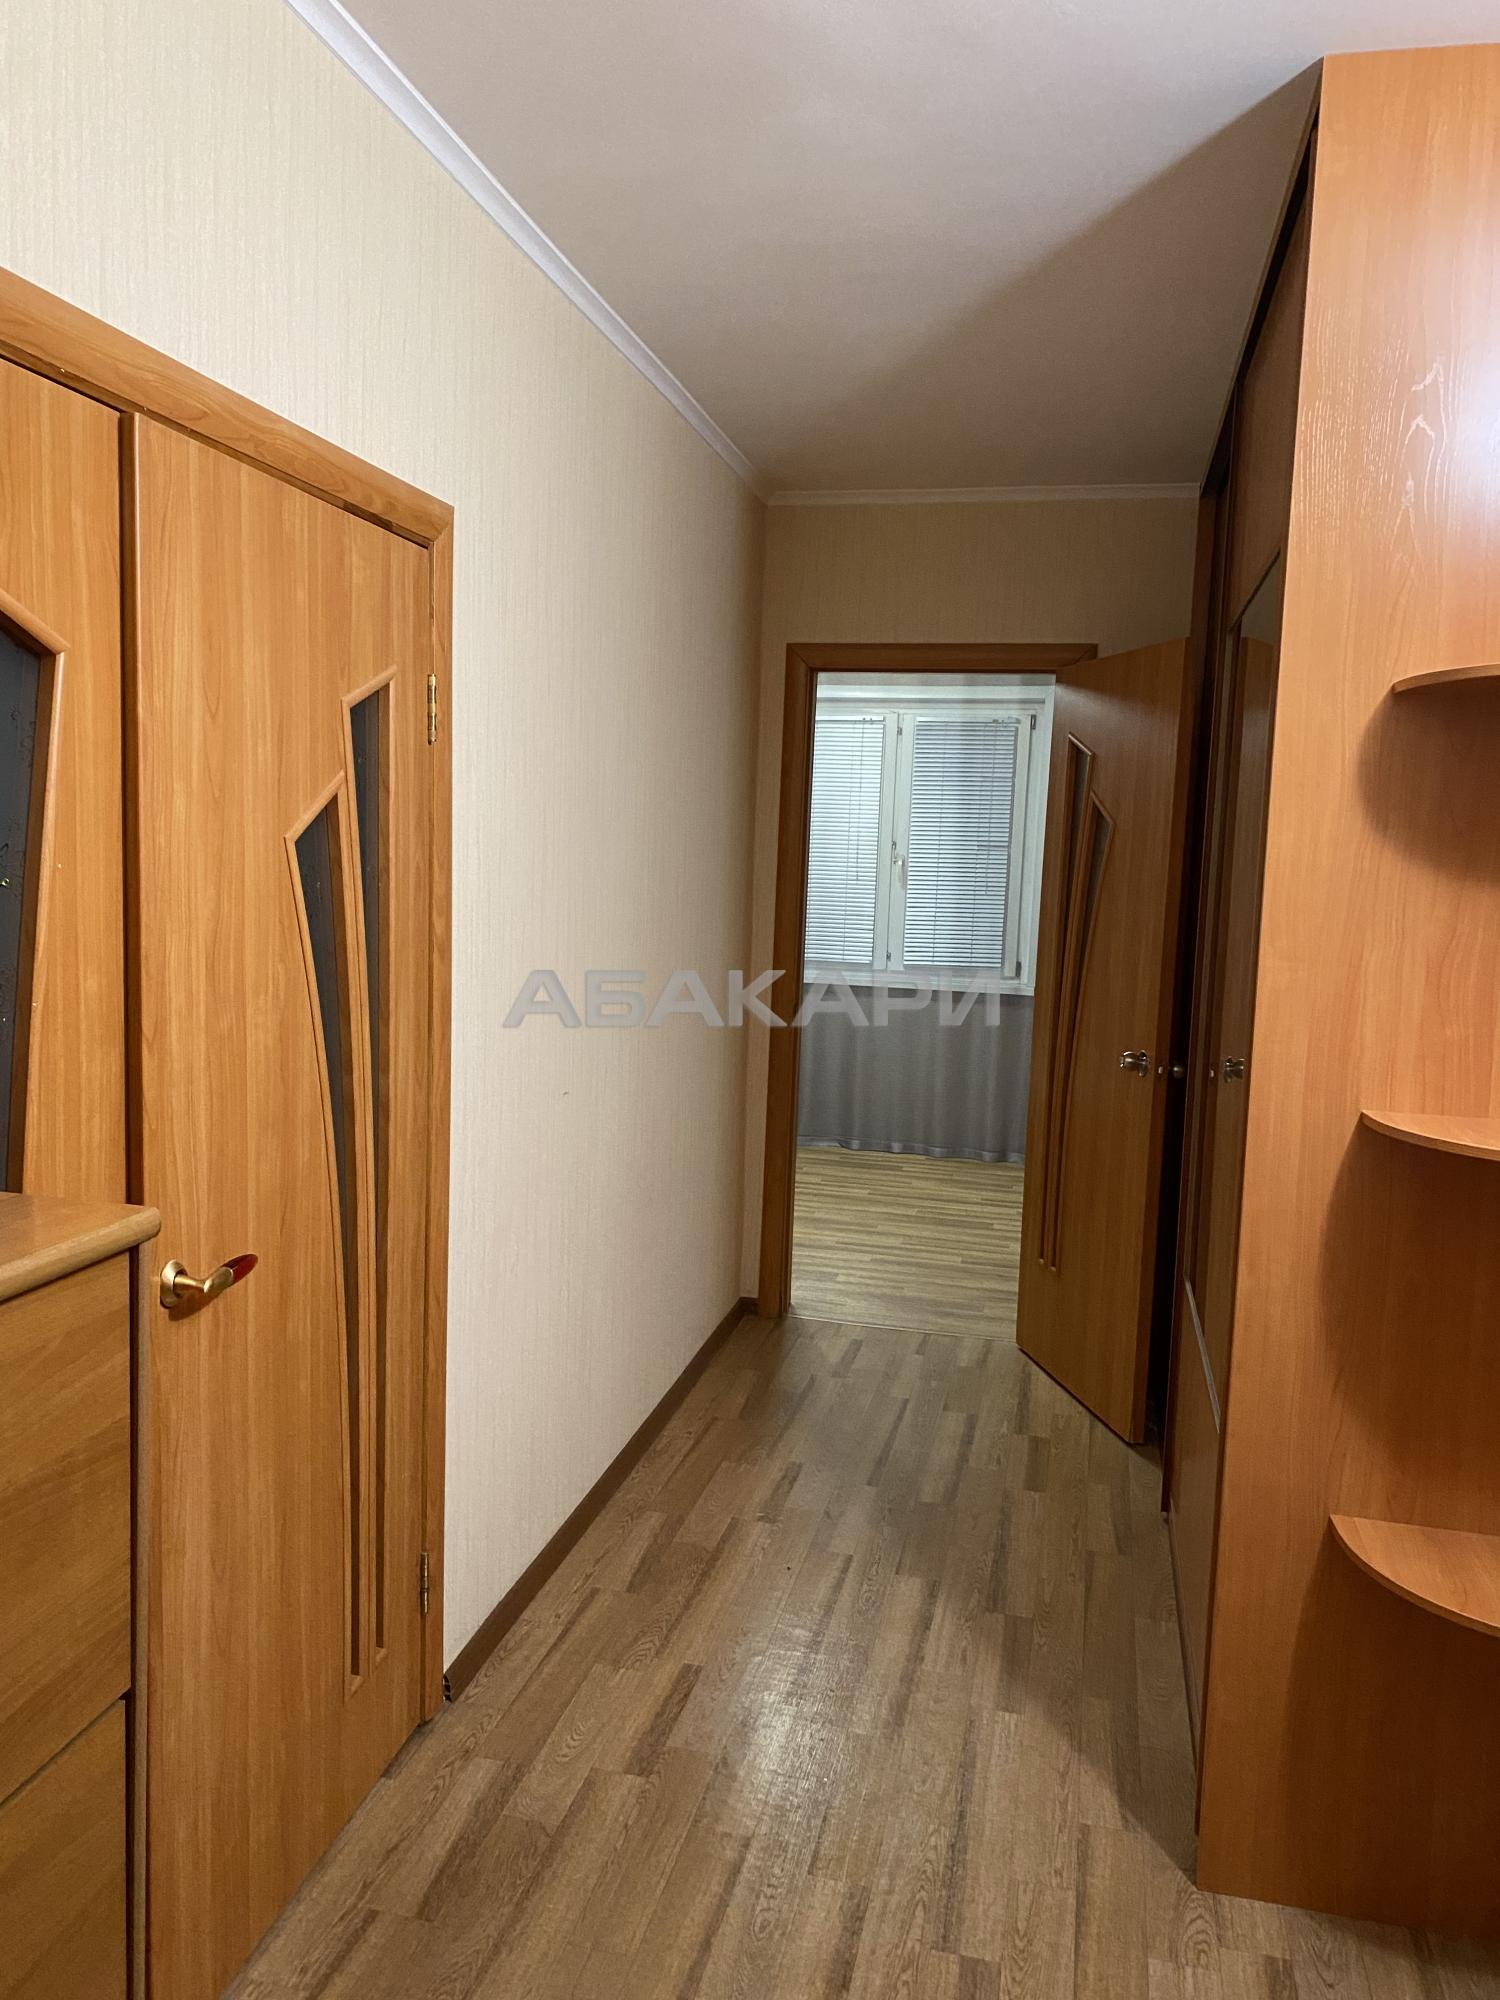 2к квартира улица Устиновича, 34А | 20000 | аренда в Красноярске фото 9